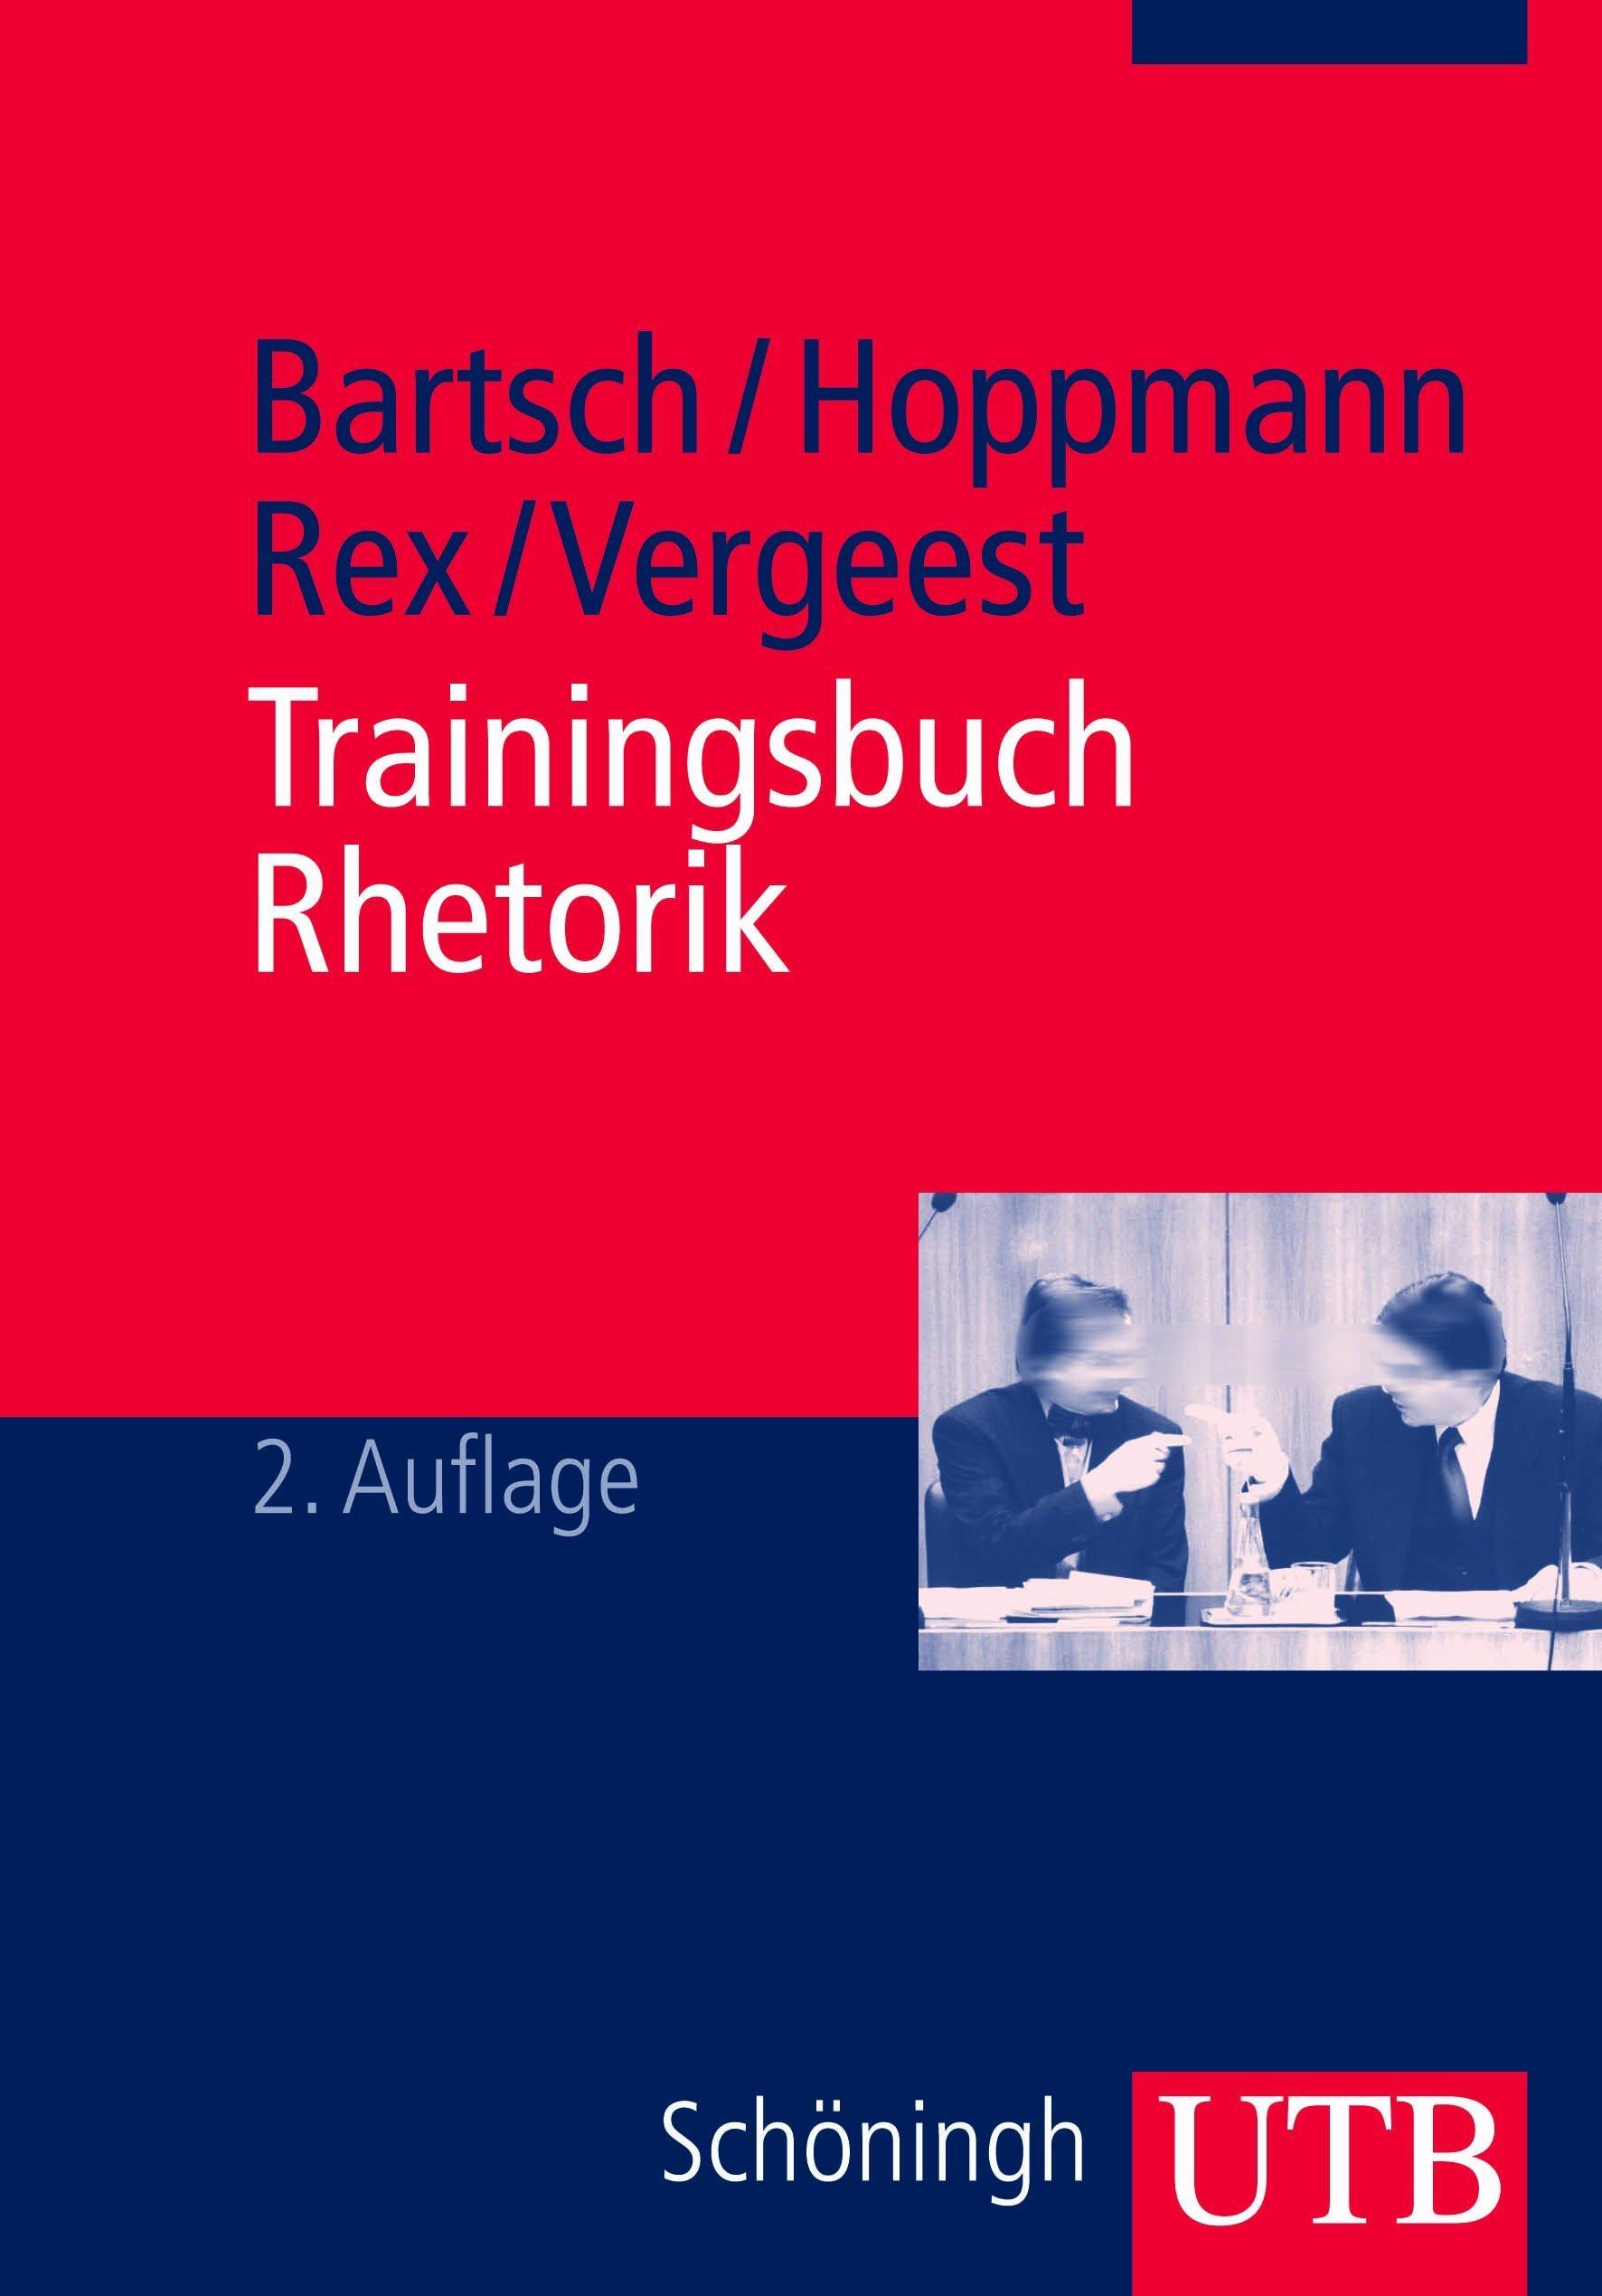 Trainingsbuch Rhetorik (Rhesis. Arbeiten zur Rhetorik und ihrer Geschichte)